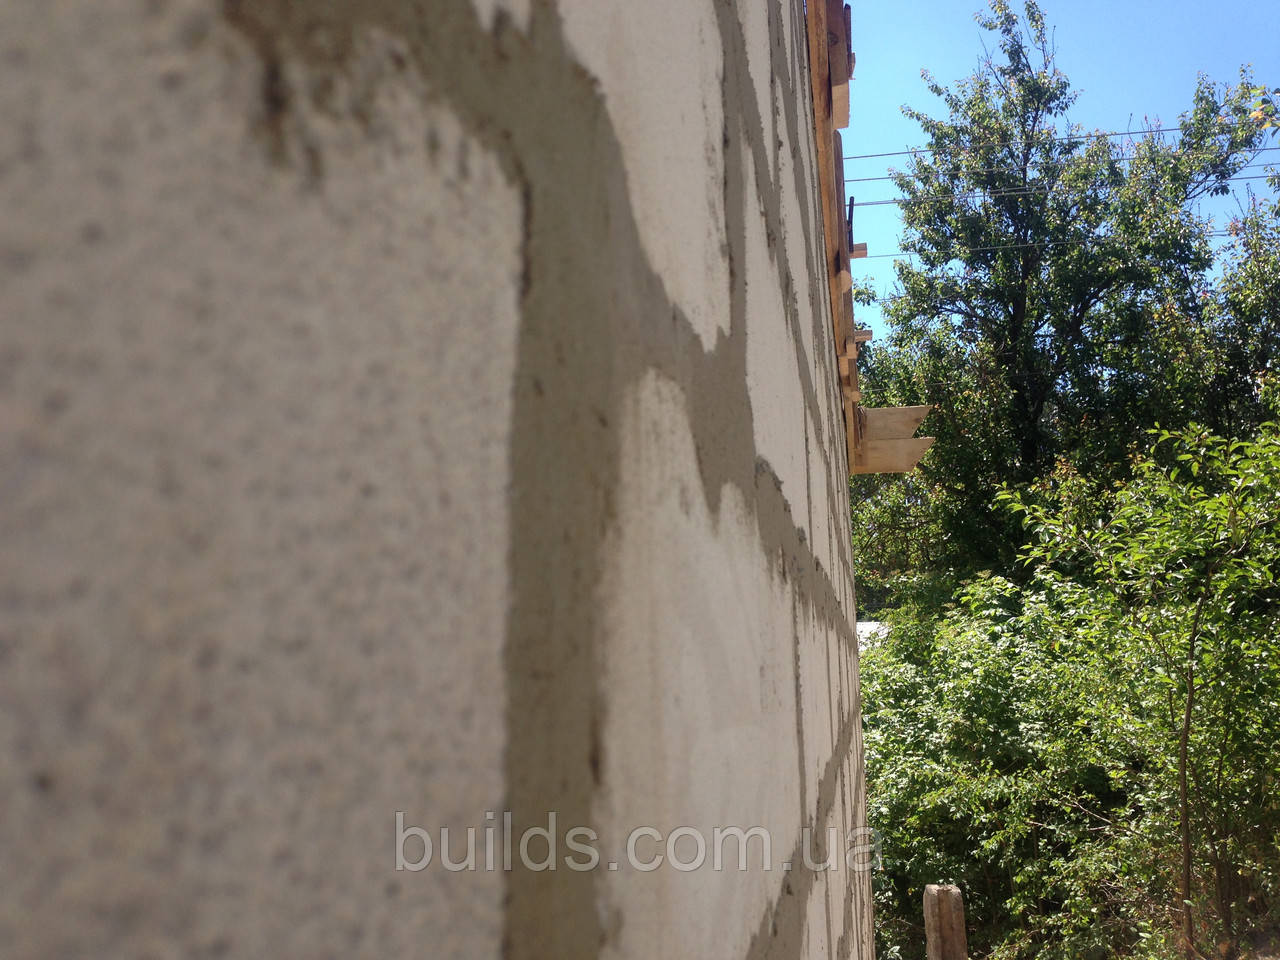 Кладка стен из пеноблока, газоблока